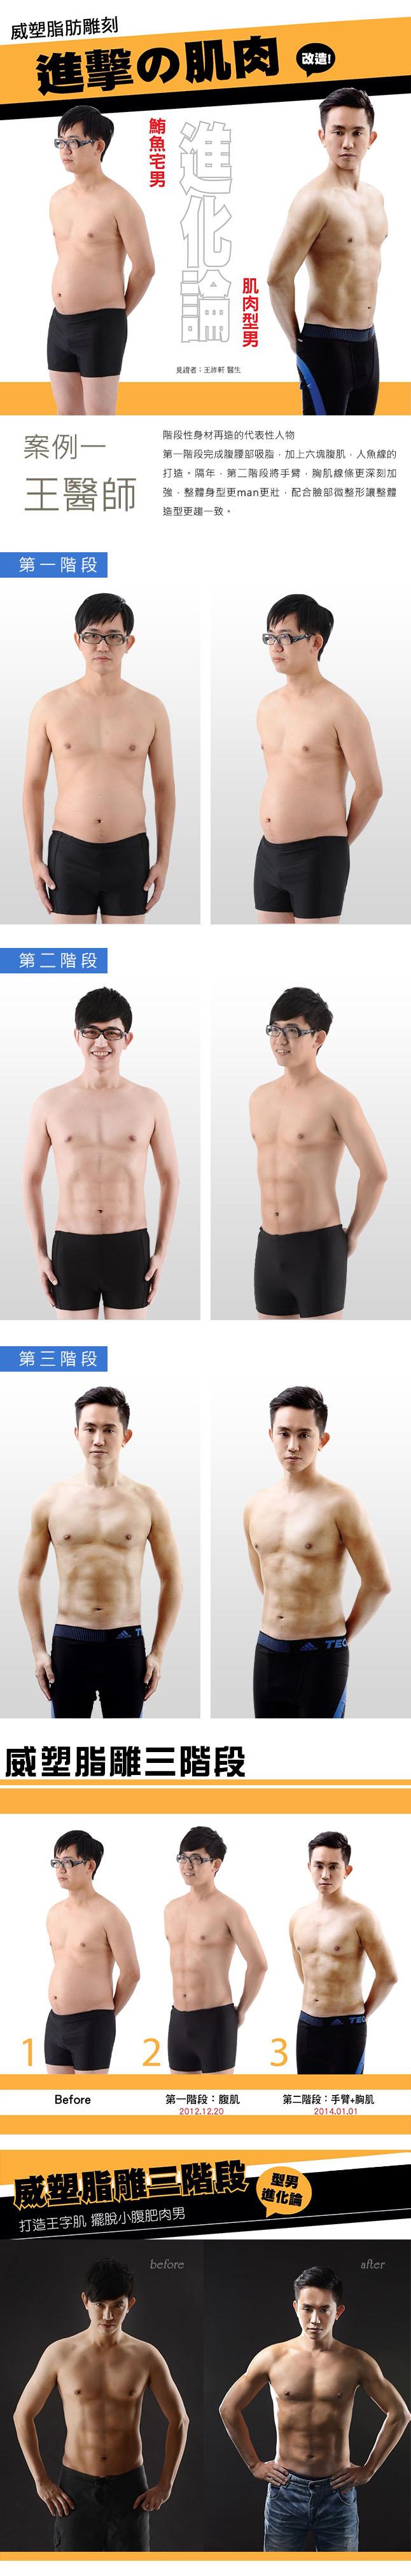 王祚軒醫師威塑雕塑身型六塊肌